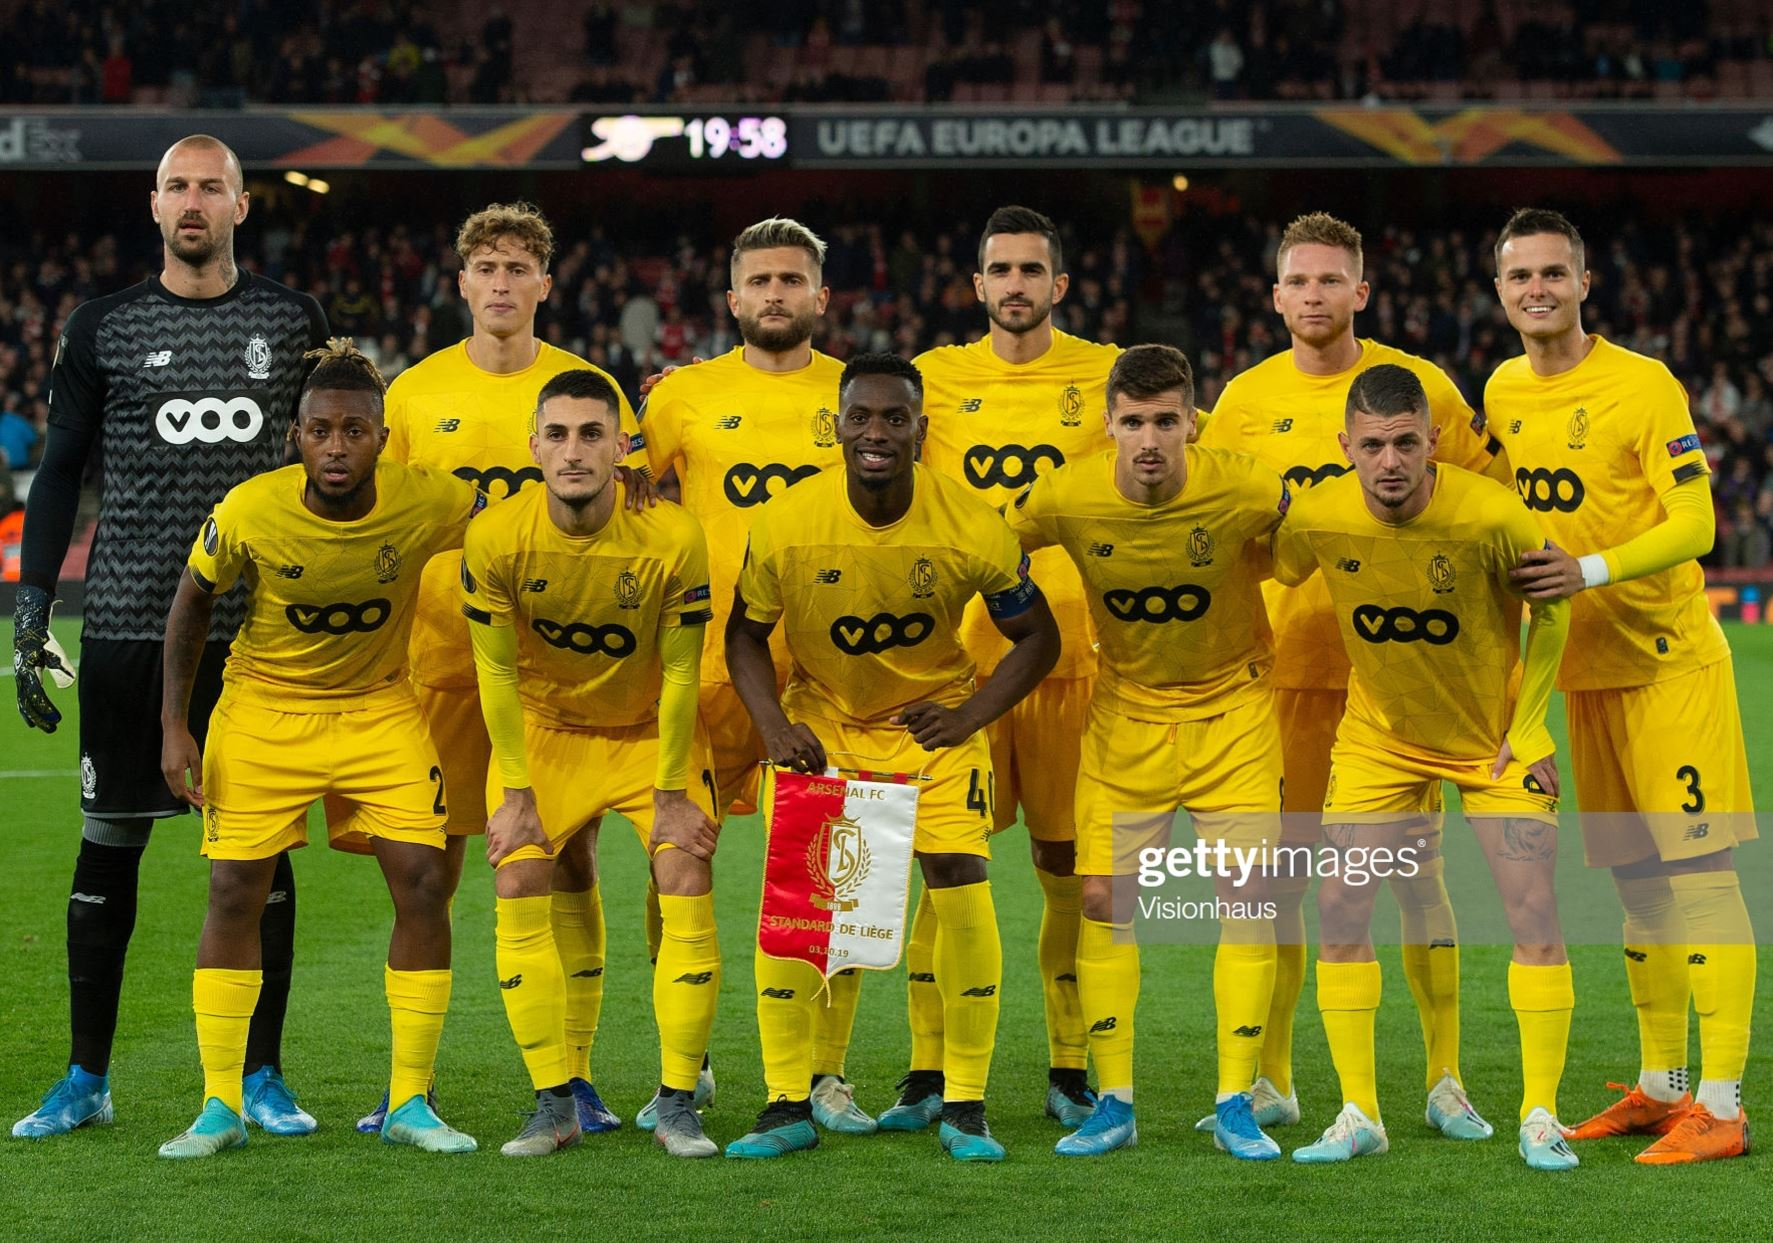 Арсенал (Англия) - Стандард (Бельгия) 4:0. Нажмите, чтобы посмотреть истинный размер рисунка